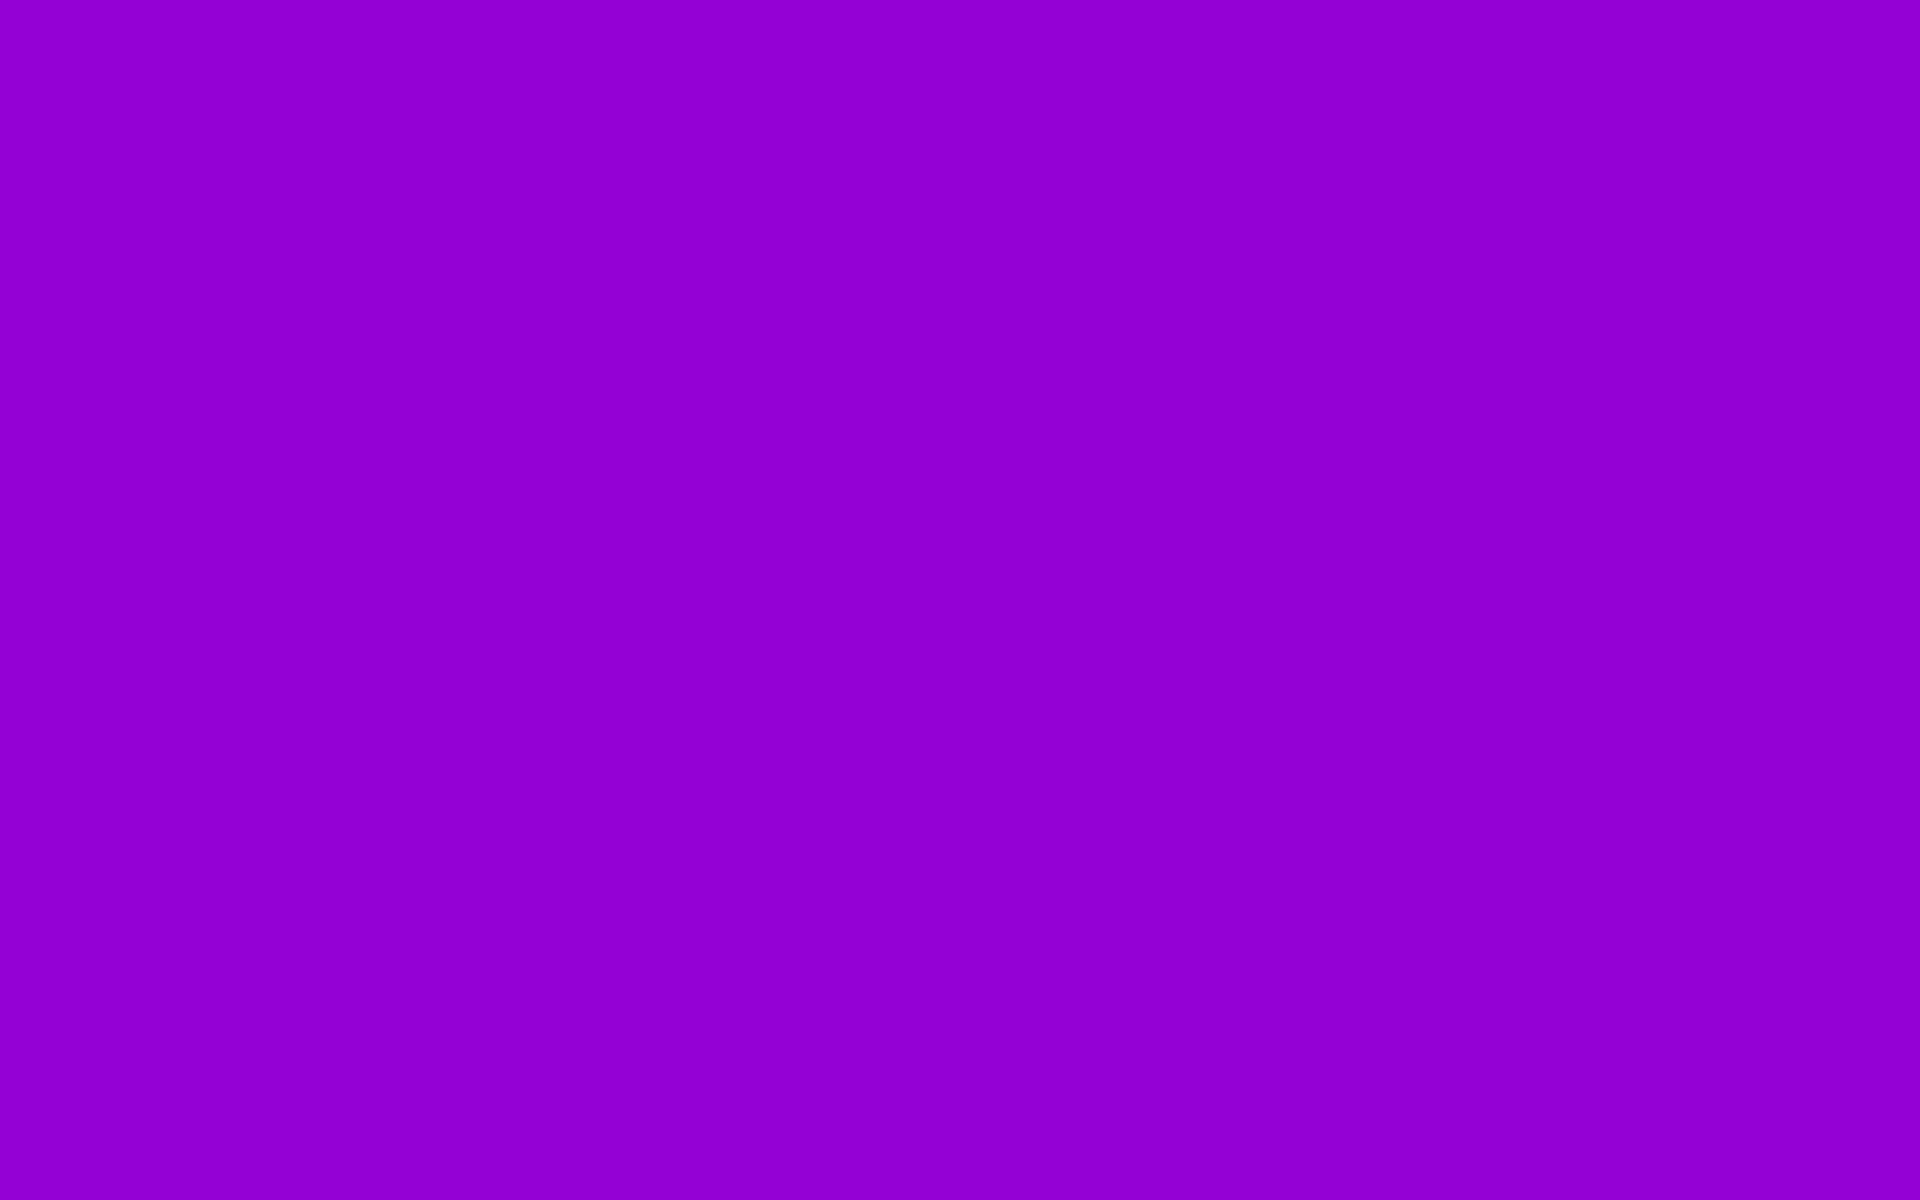 1920x1200 Dark Violet Solid Color Background